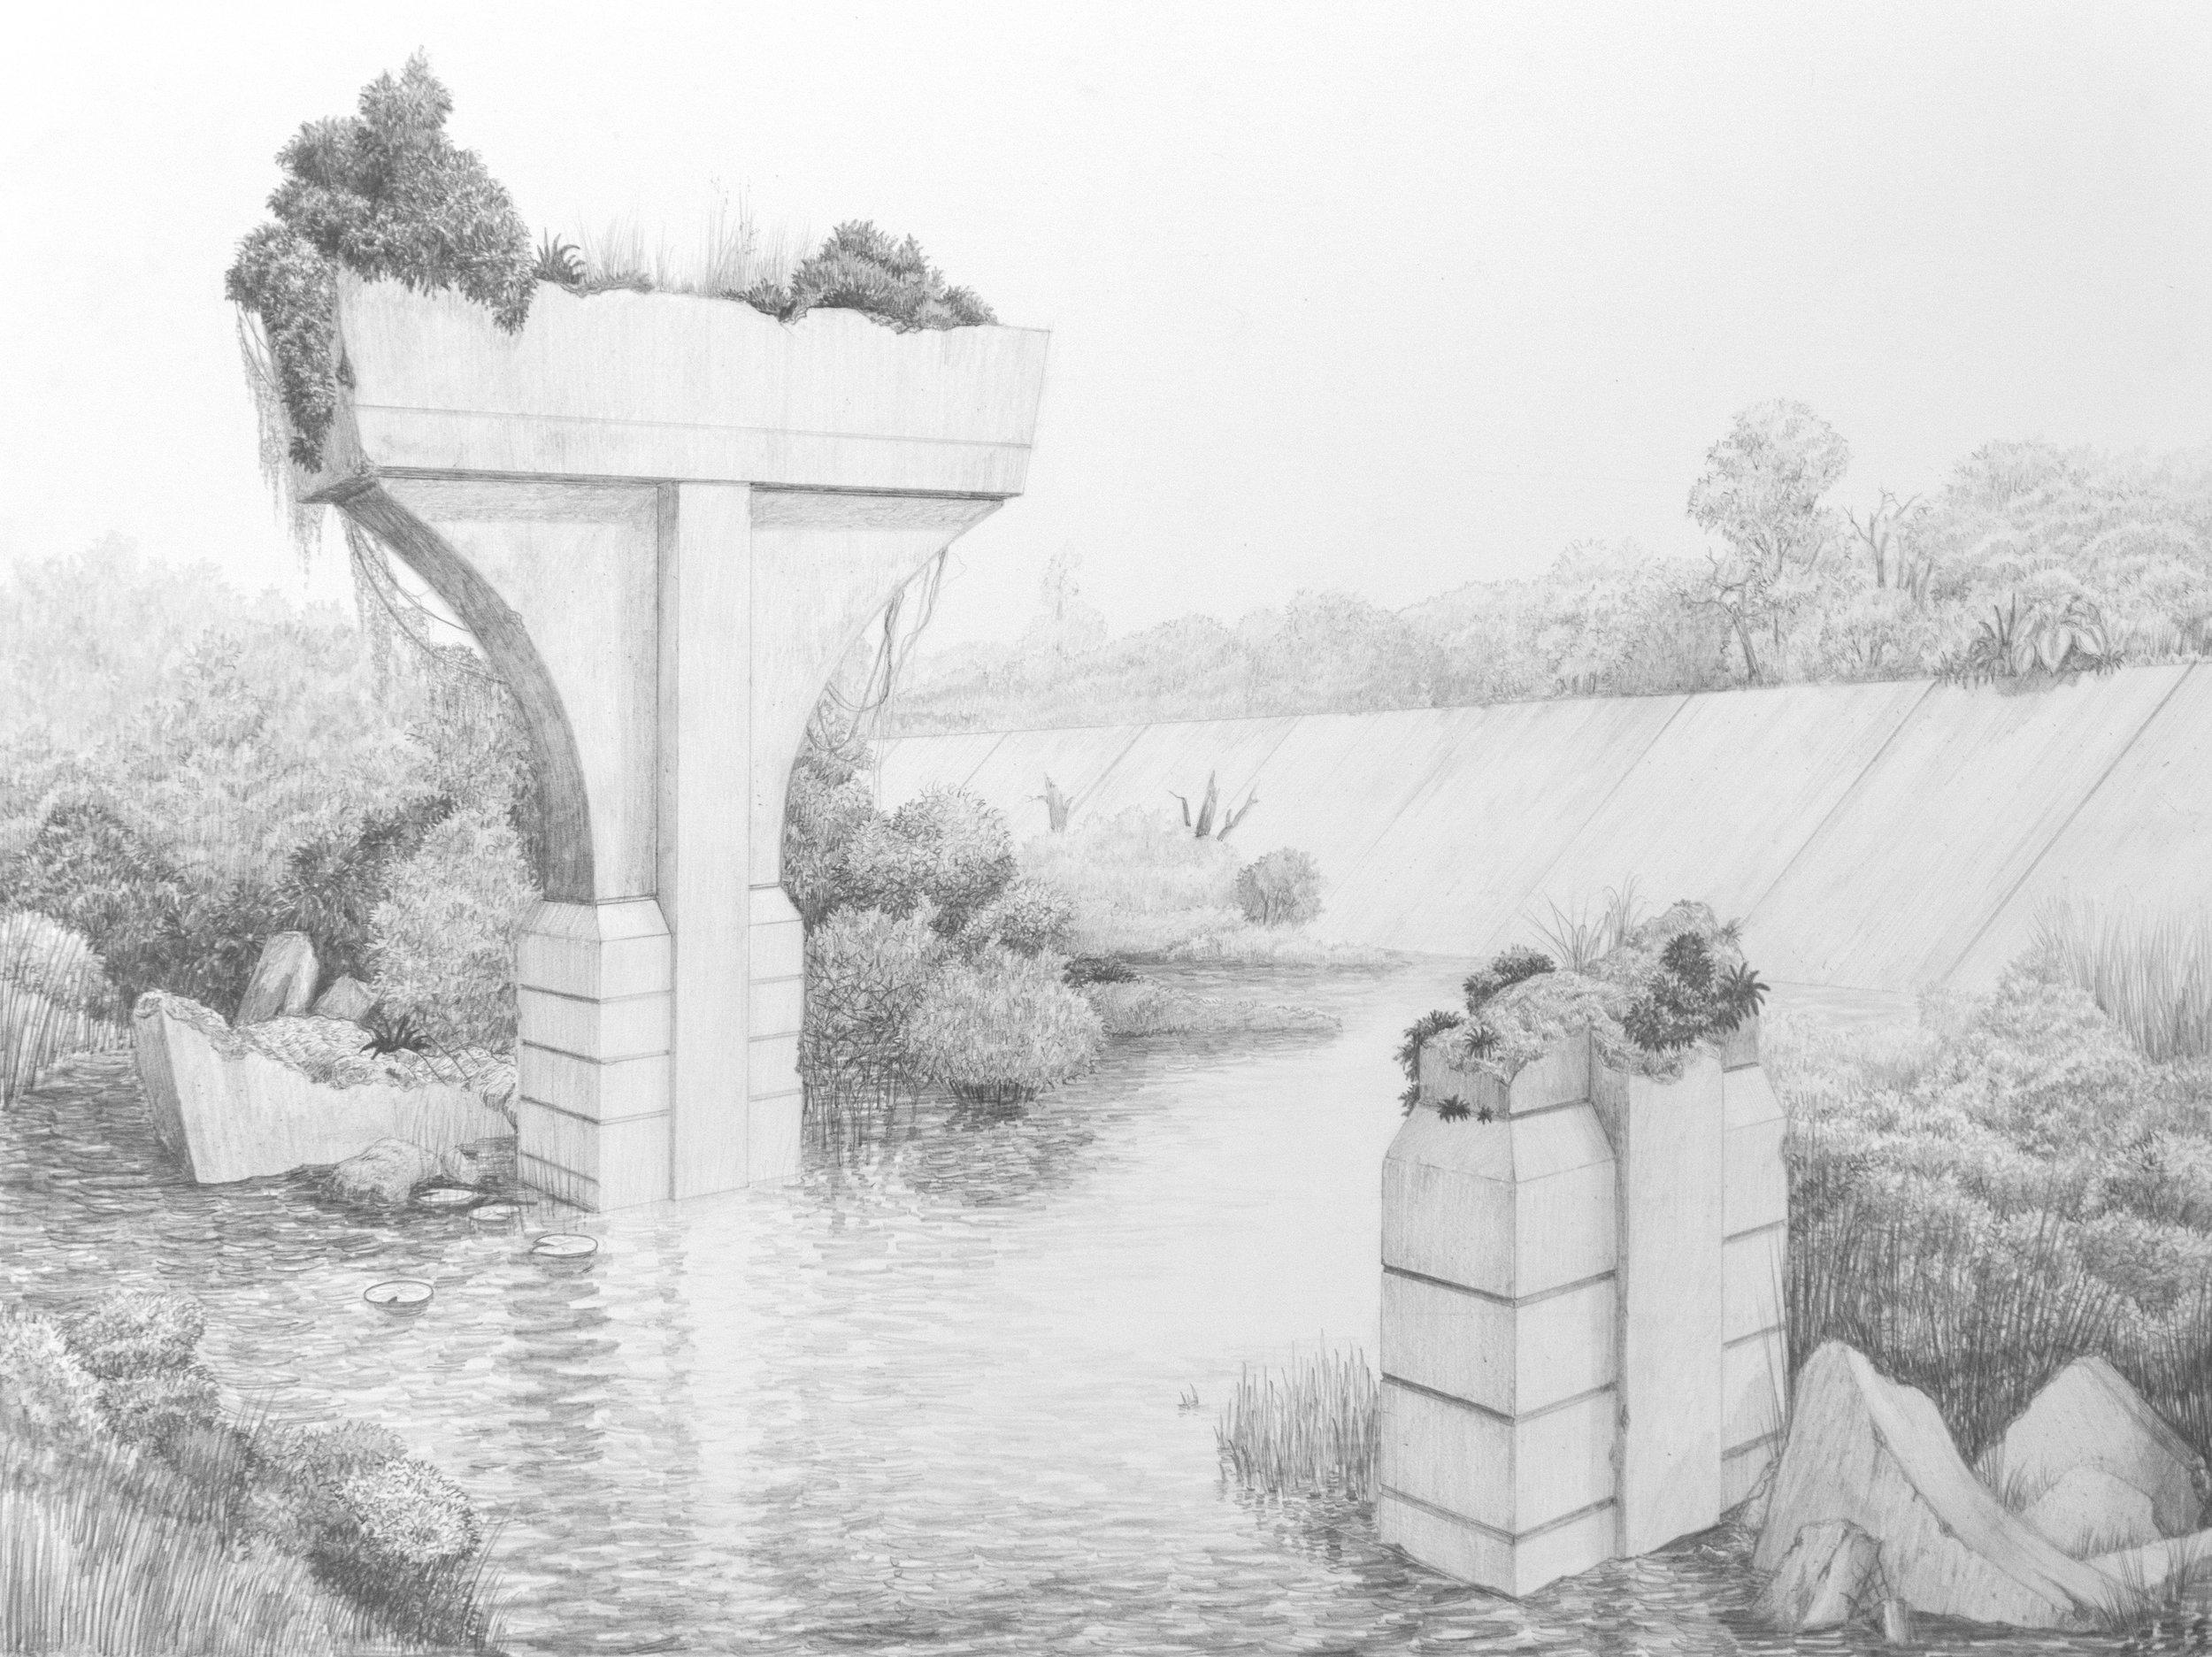 Freeway Ruin, 2018, Graphite on paper, 18 x 24